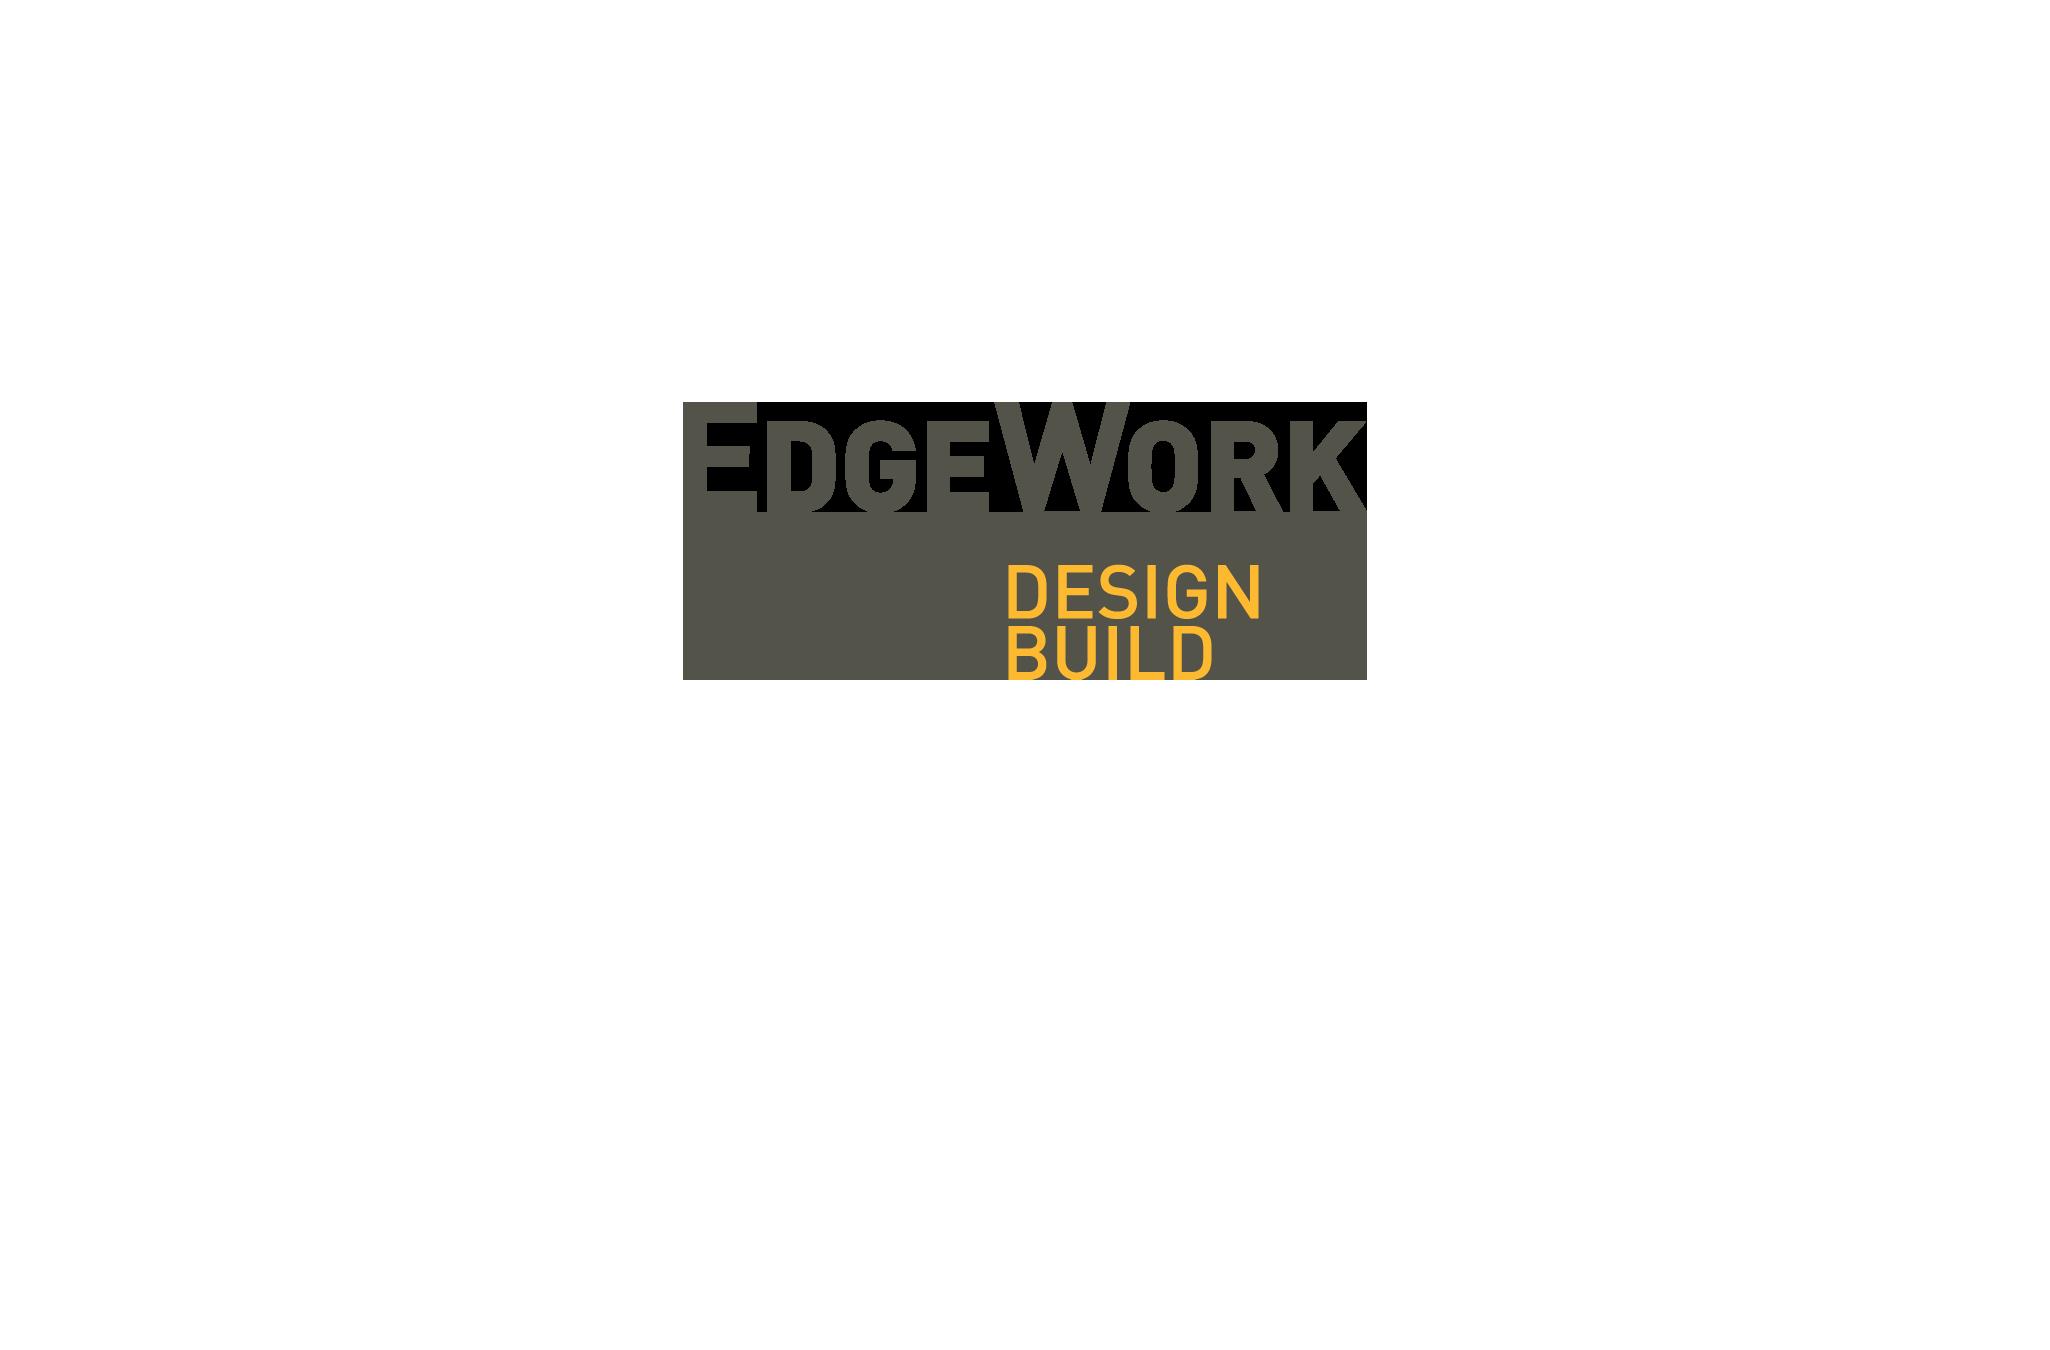 EdgeWork Design Build logo